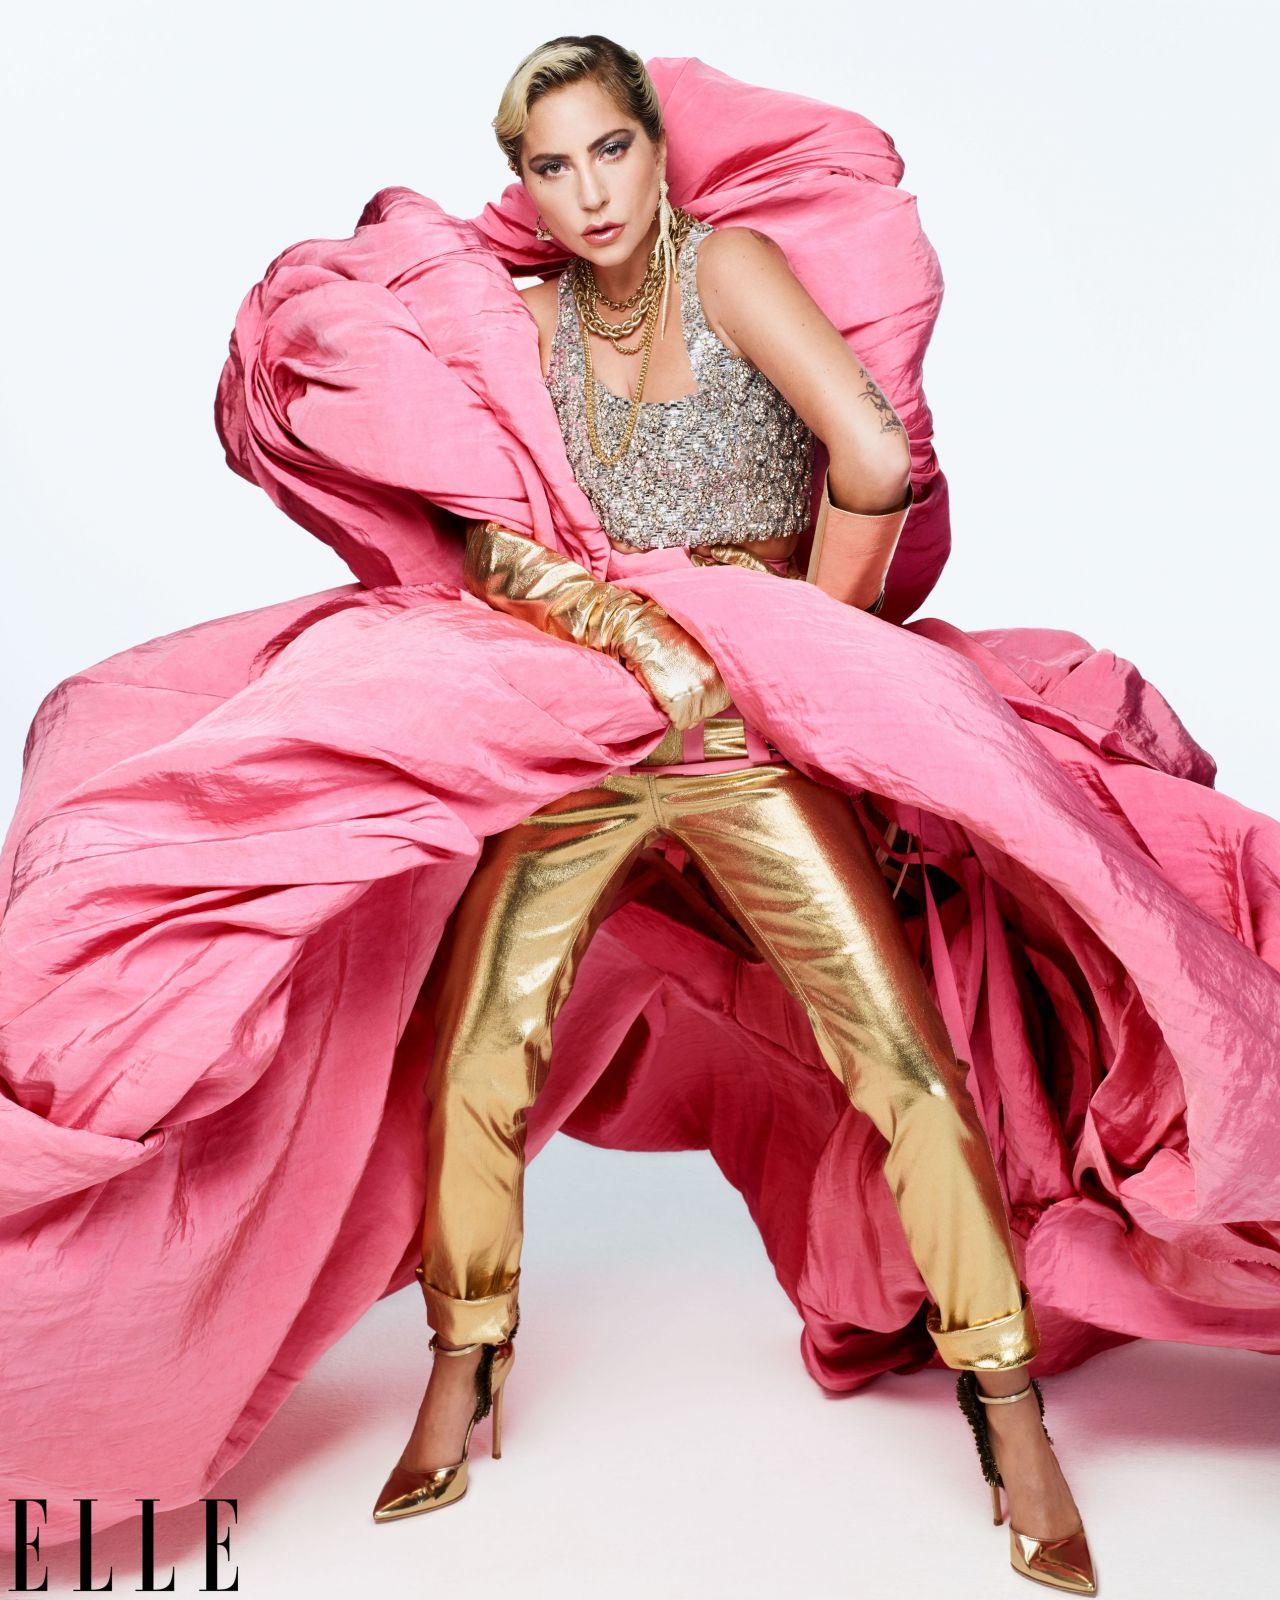 Lady Gaga Latest Photos Celebmafia